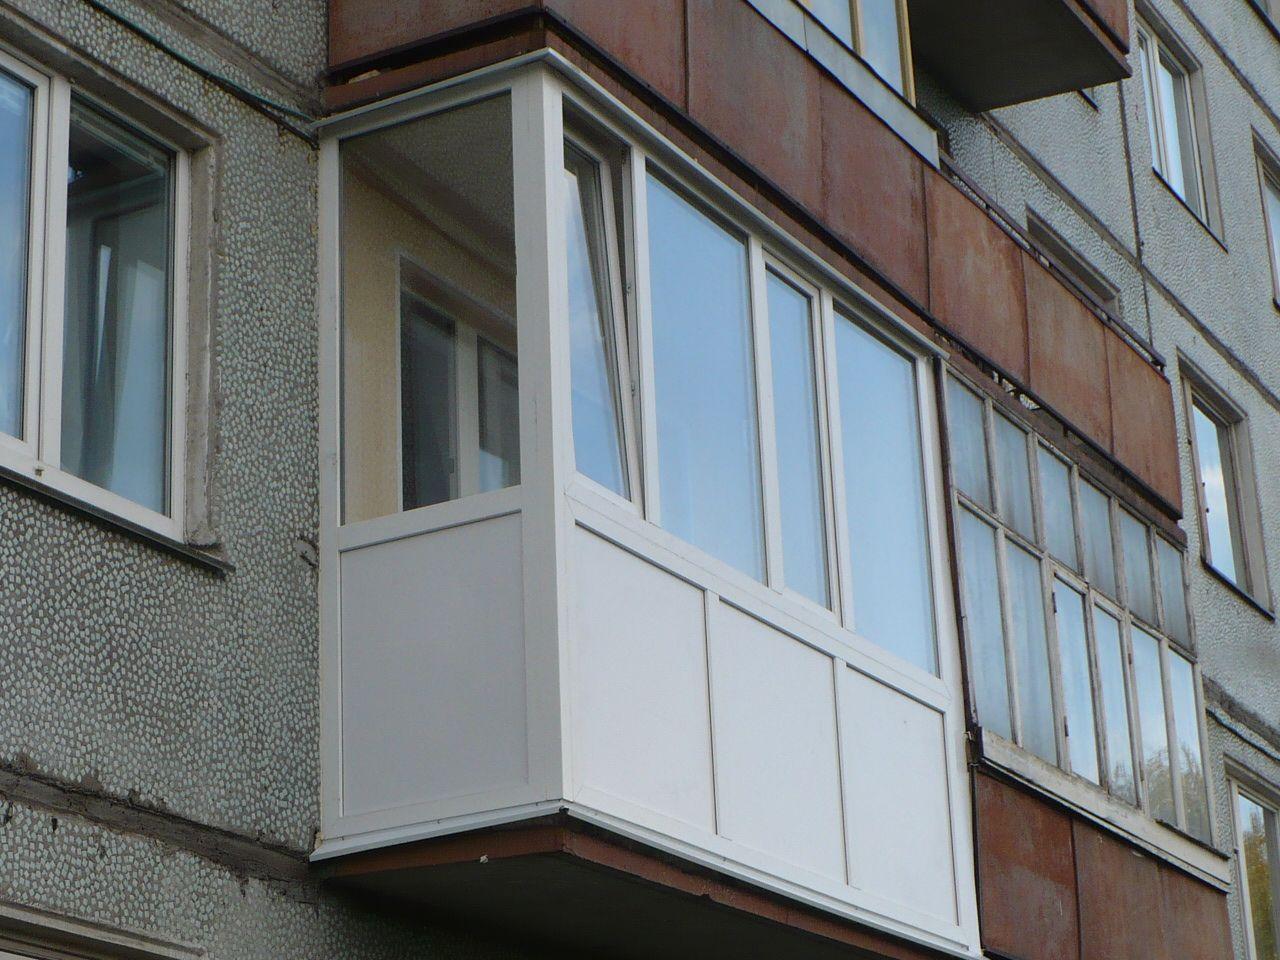 В Рыбнице пьяные сожители решили покинуть квартиру через балкон, но сорвались